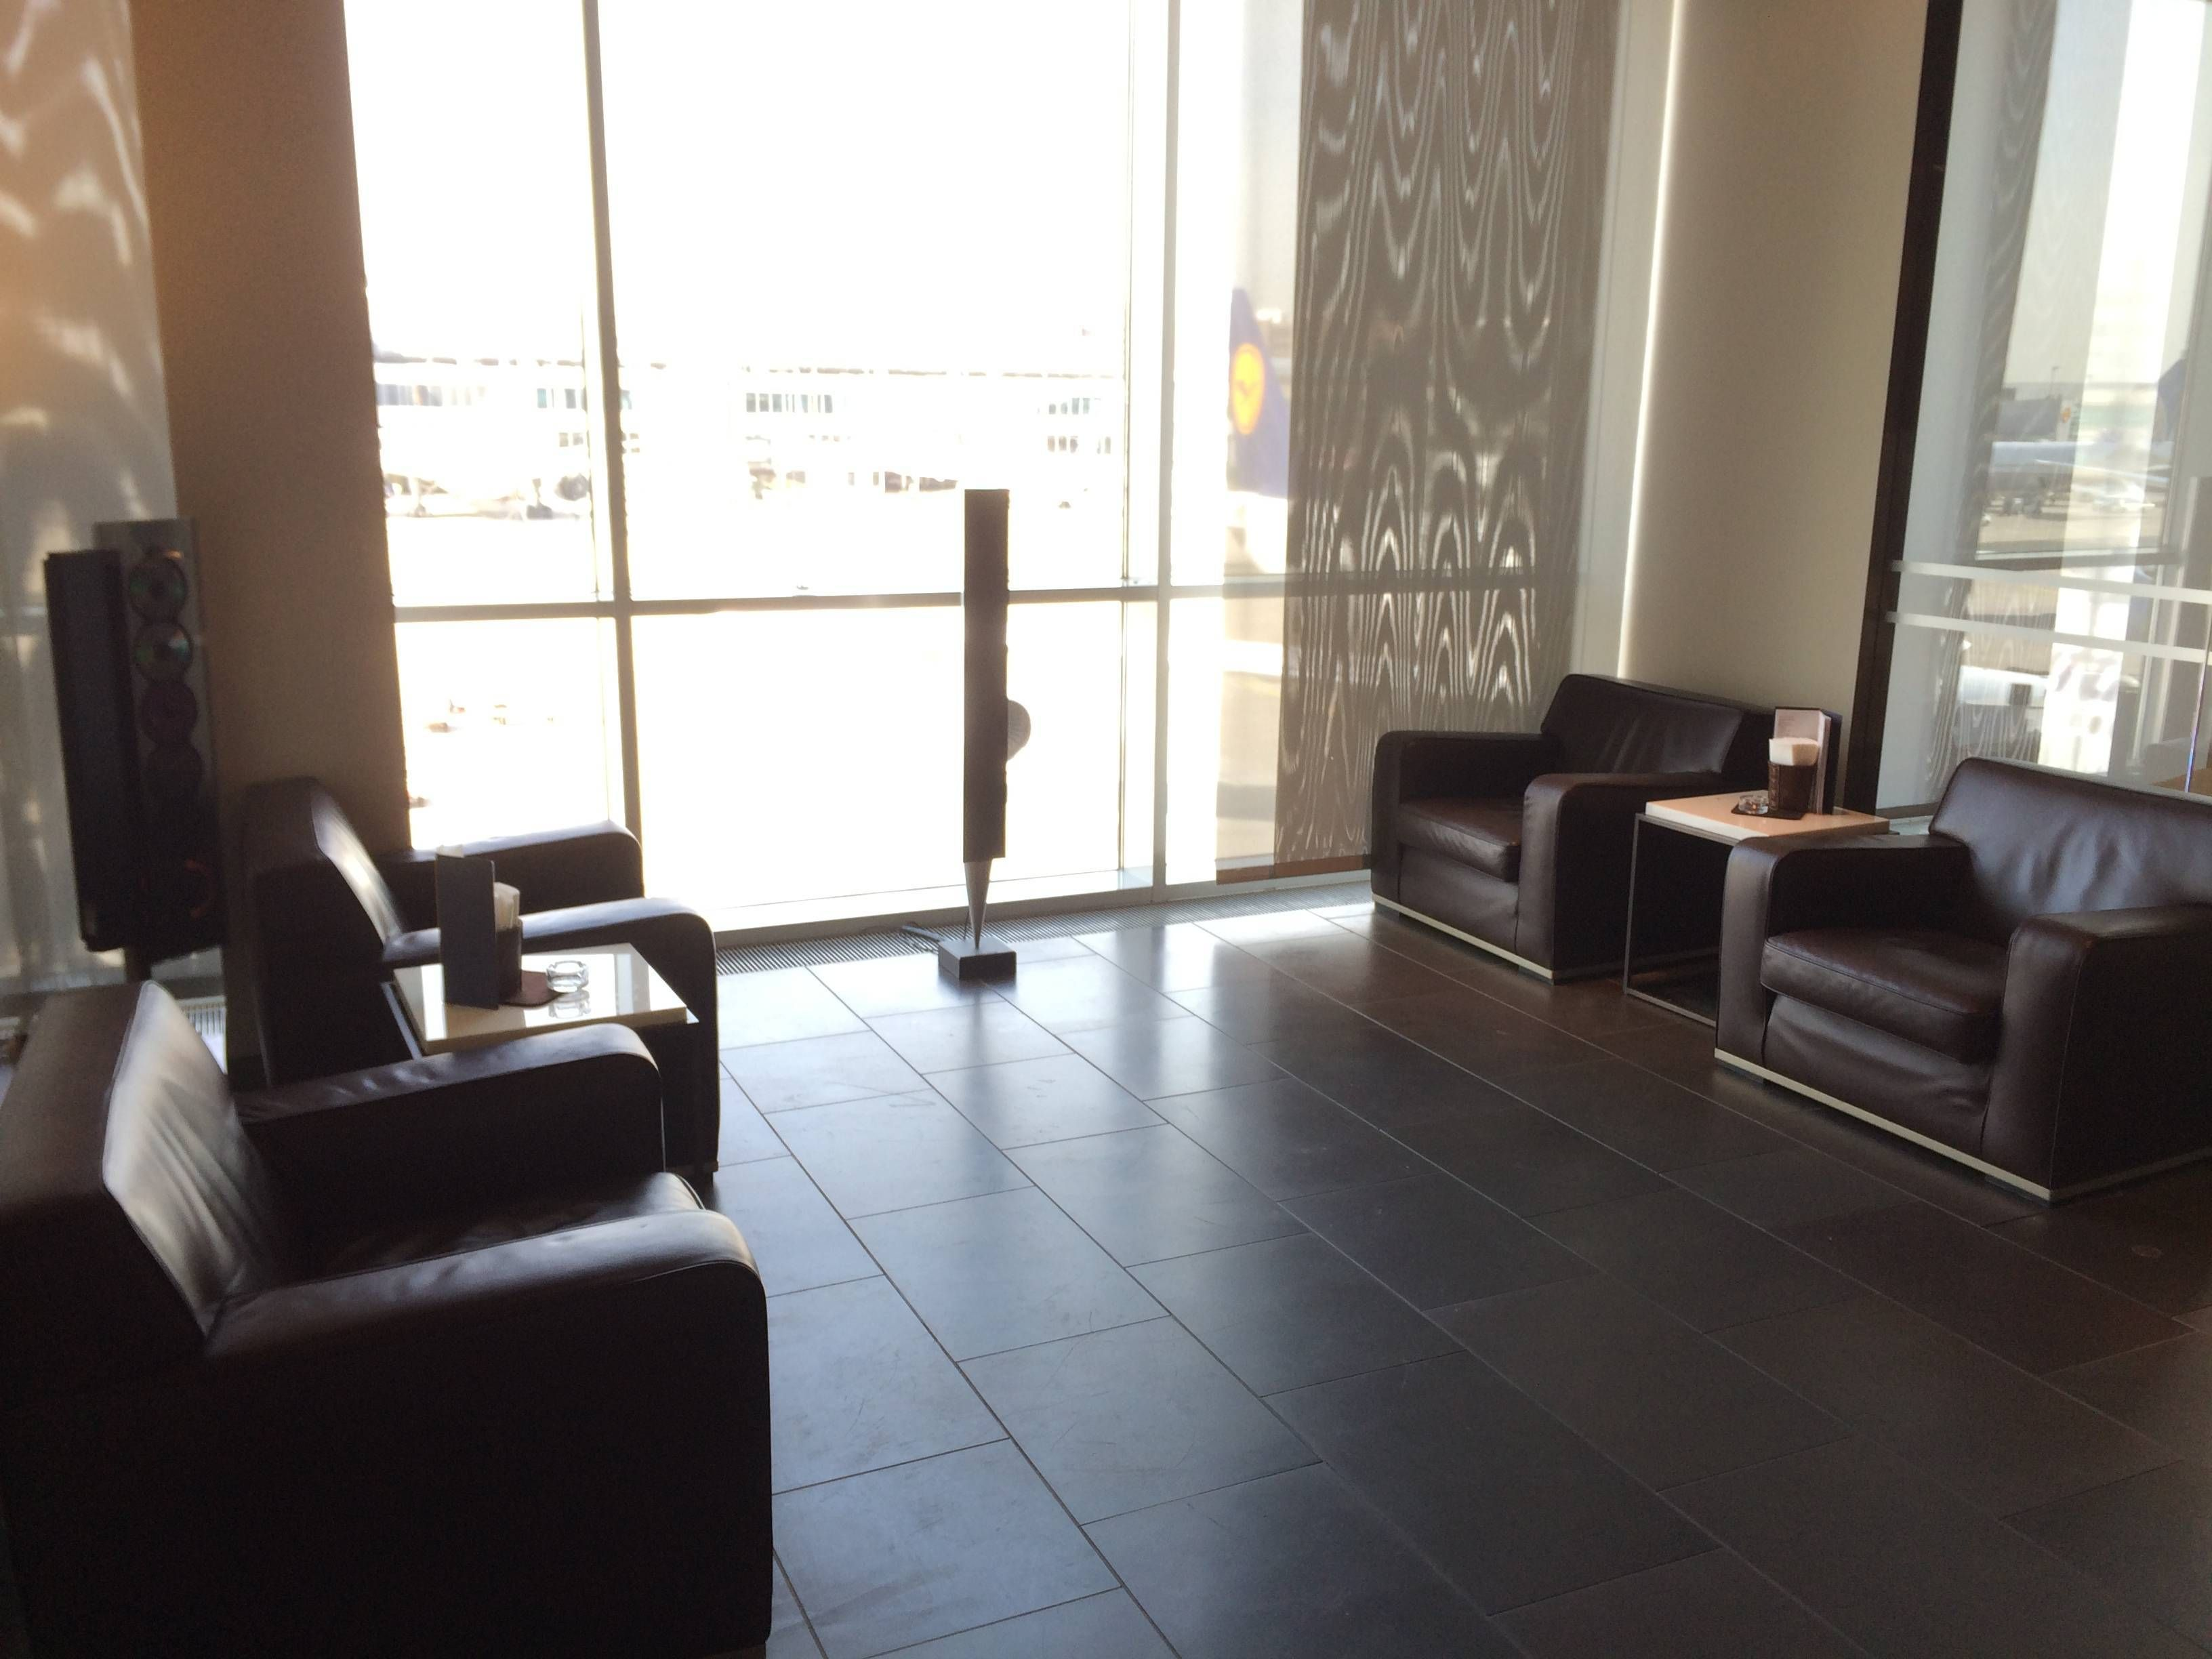 lufthansa first class lounge frankfurt - passageirdeprimeira